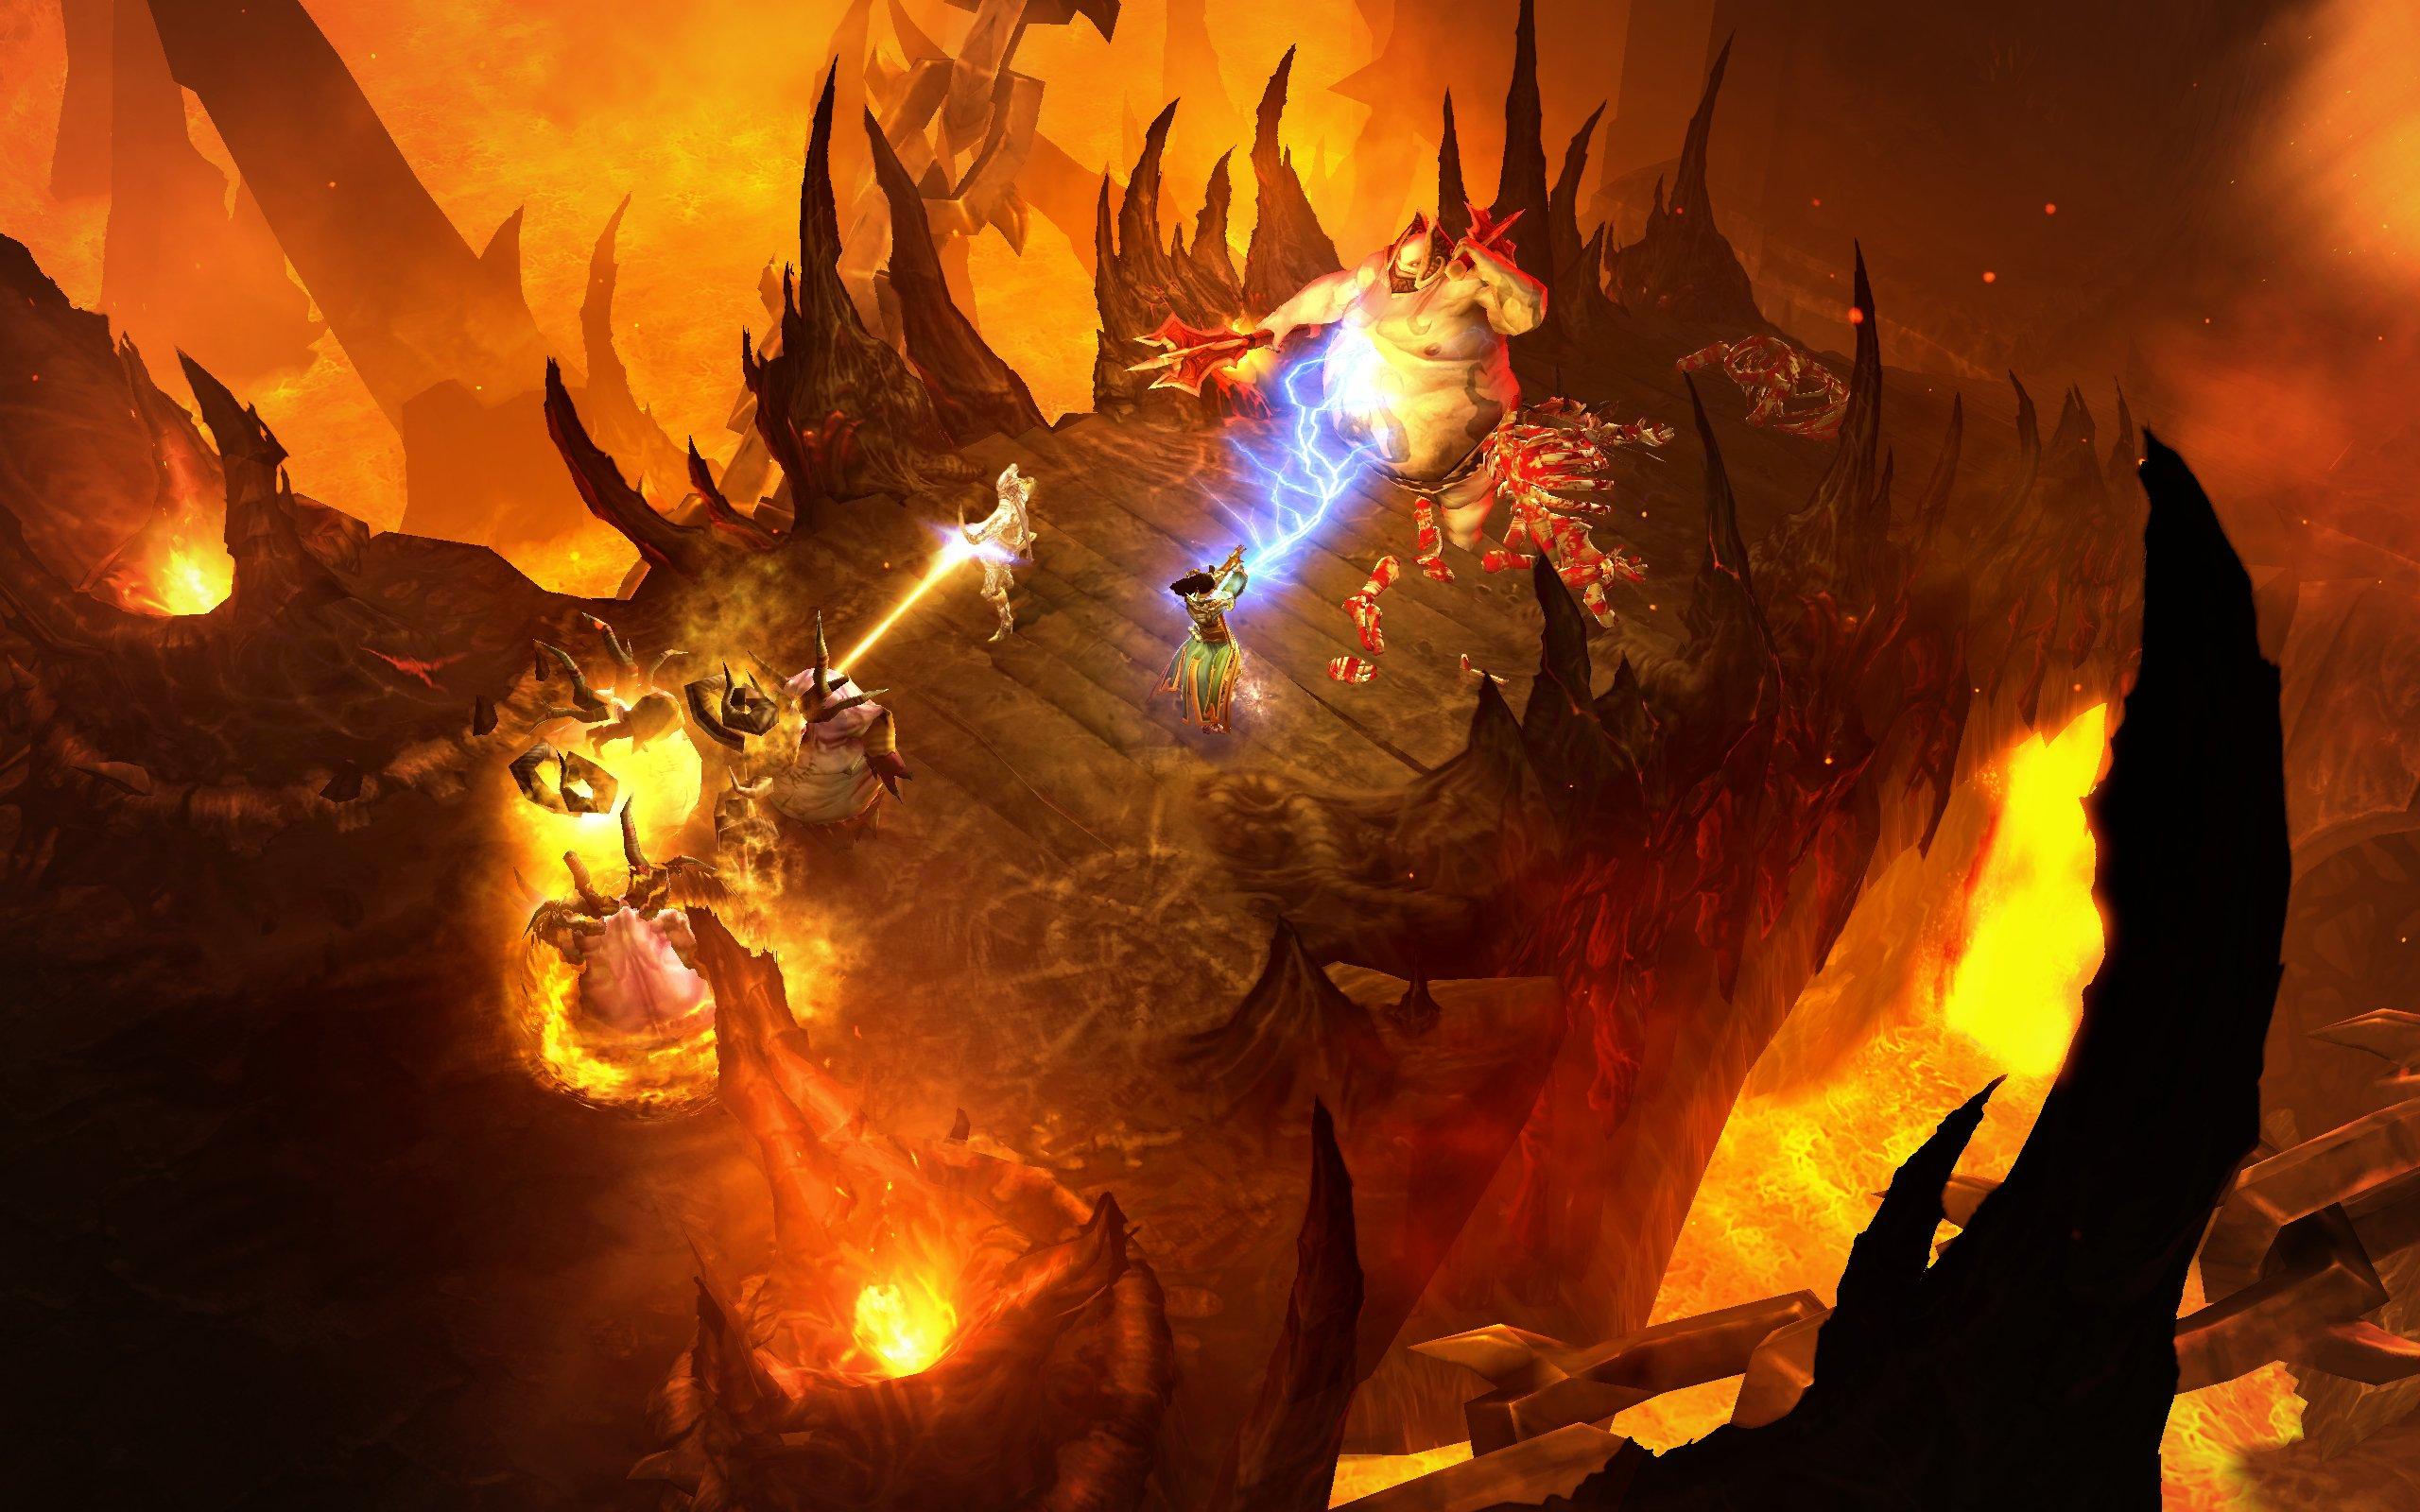 Amazon com: Diablo III Battle Chest [Online Game Code